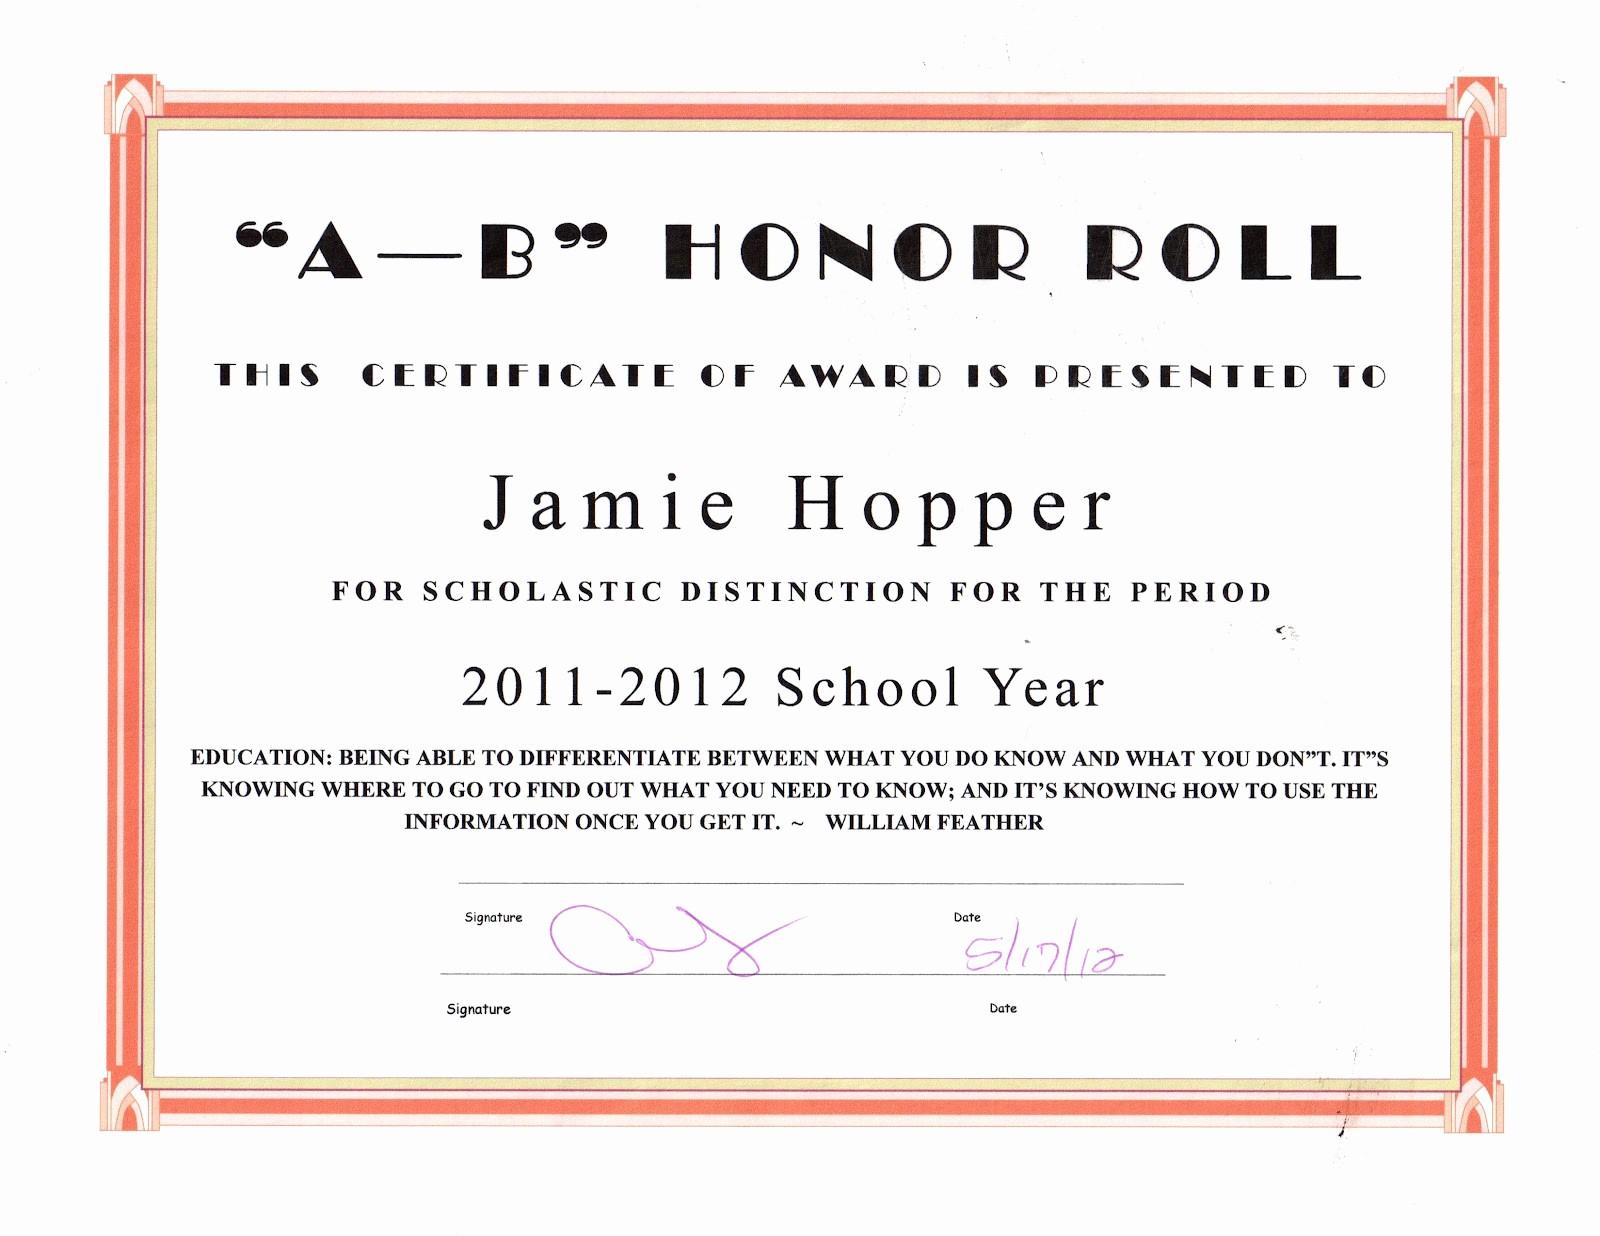 Honor Roll Certificate Template Word Elegant the Jason Hopper Family June 2012